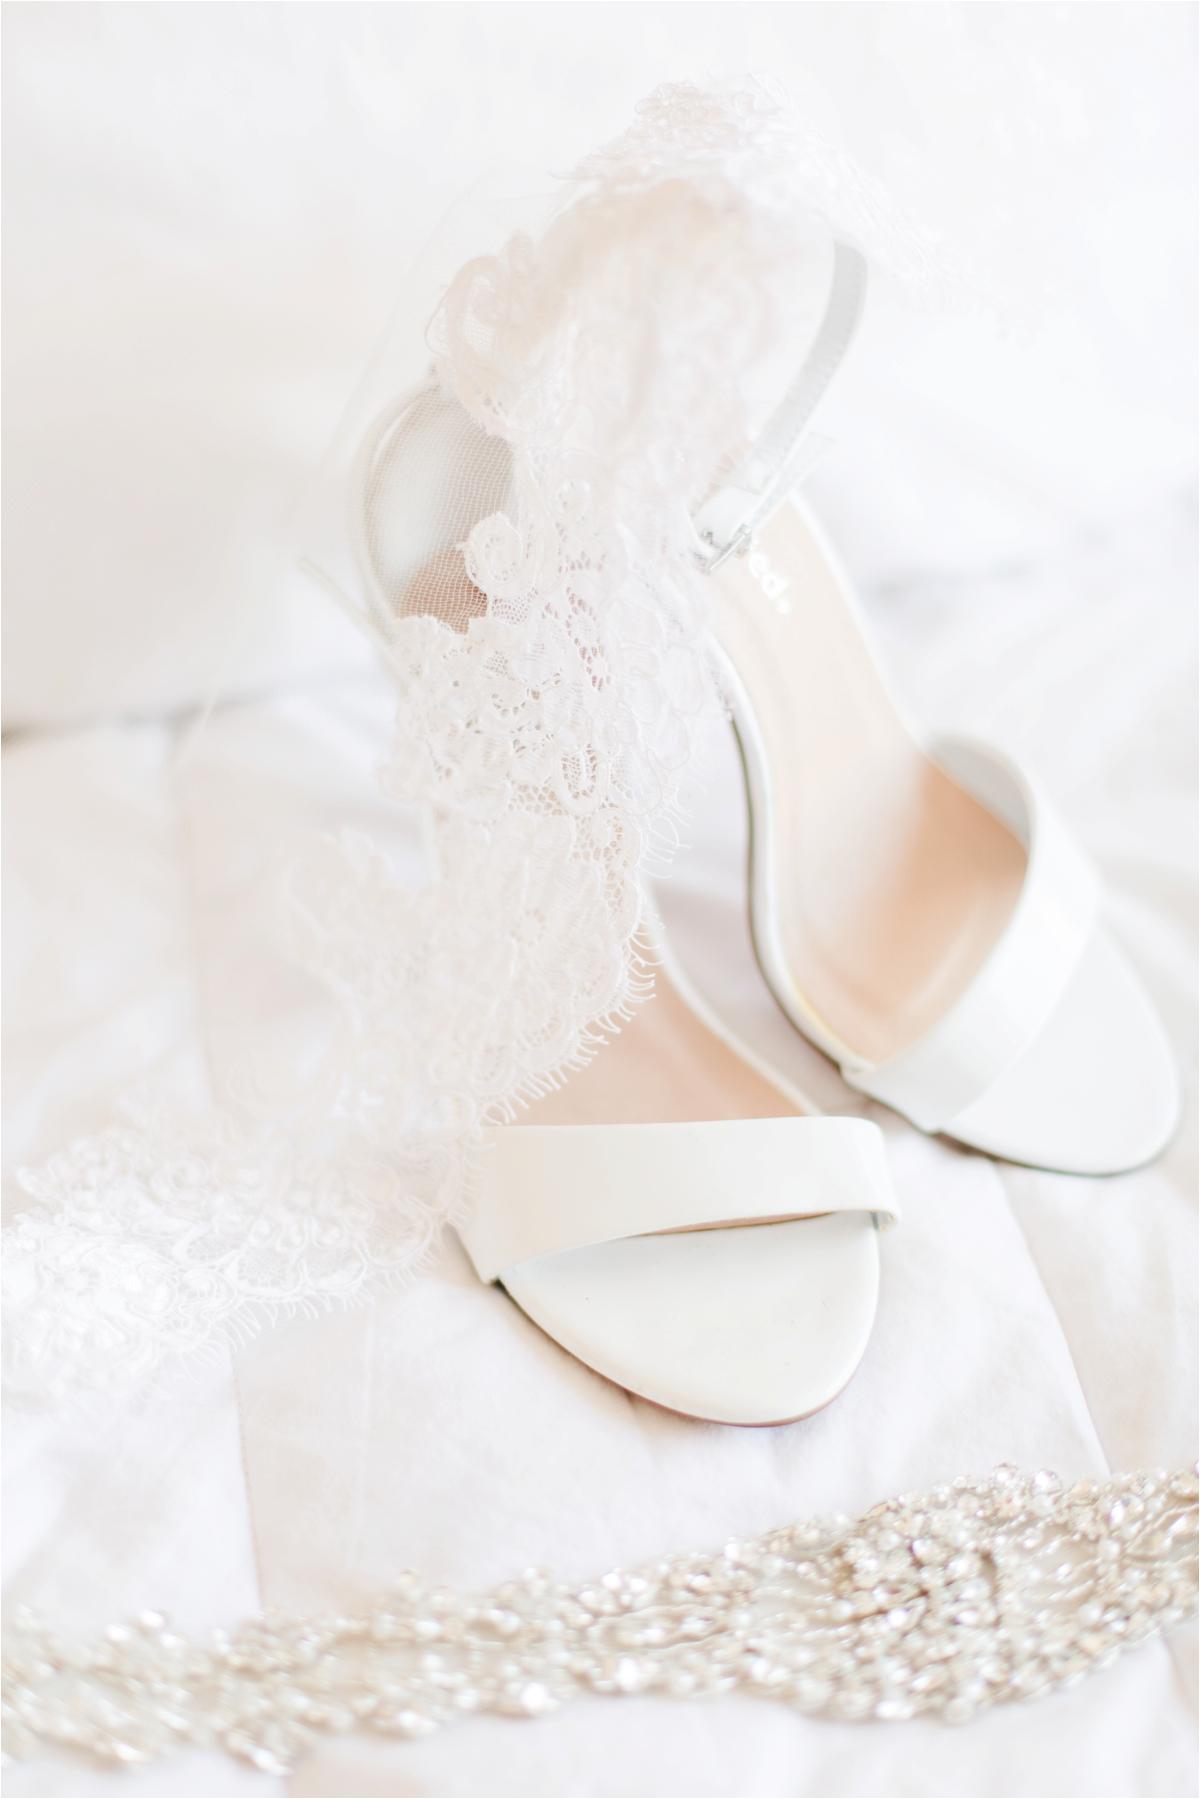 Corinthian Event Center Wedding photos by Briana Calderon Photography_0540.jpg